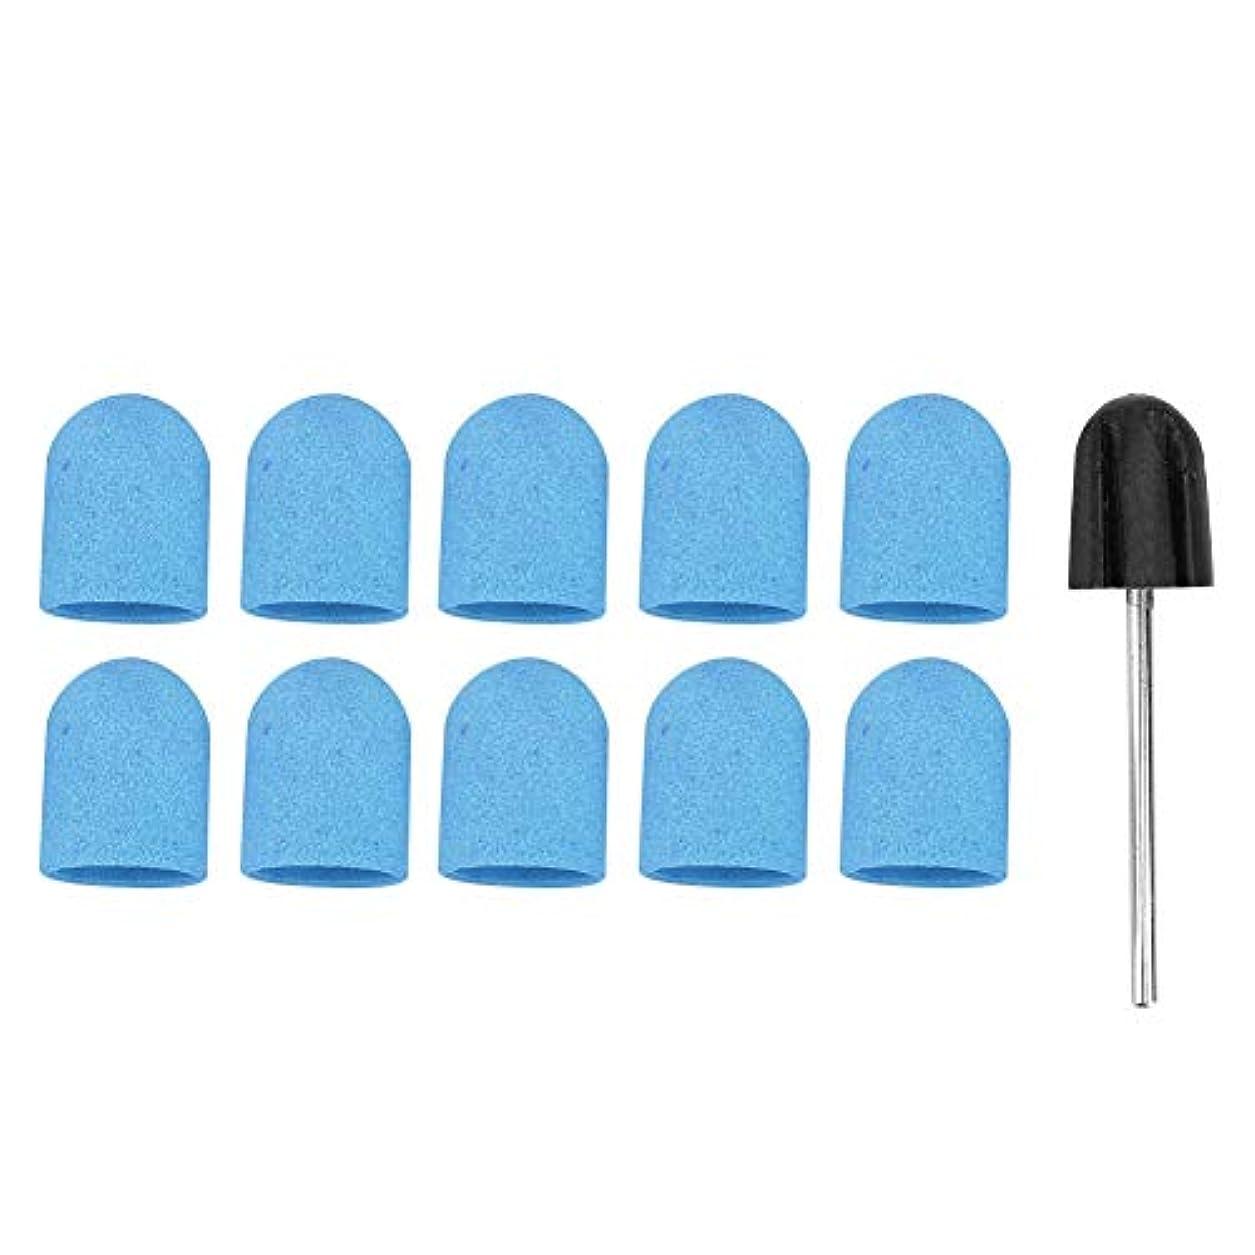 チャップリラックスした住人ネイルドリルブロックキャップ、ネイルアートサンディングバンド13 x 19 mm(1グリップ付き)、ネイルサロンまたは個人使用、マニキュア用のポリッシュ研磨ヘッド、ネイル研磨およびトリミング(2)